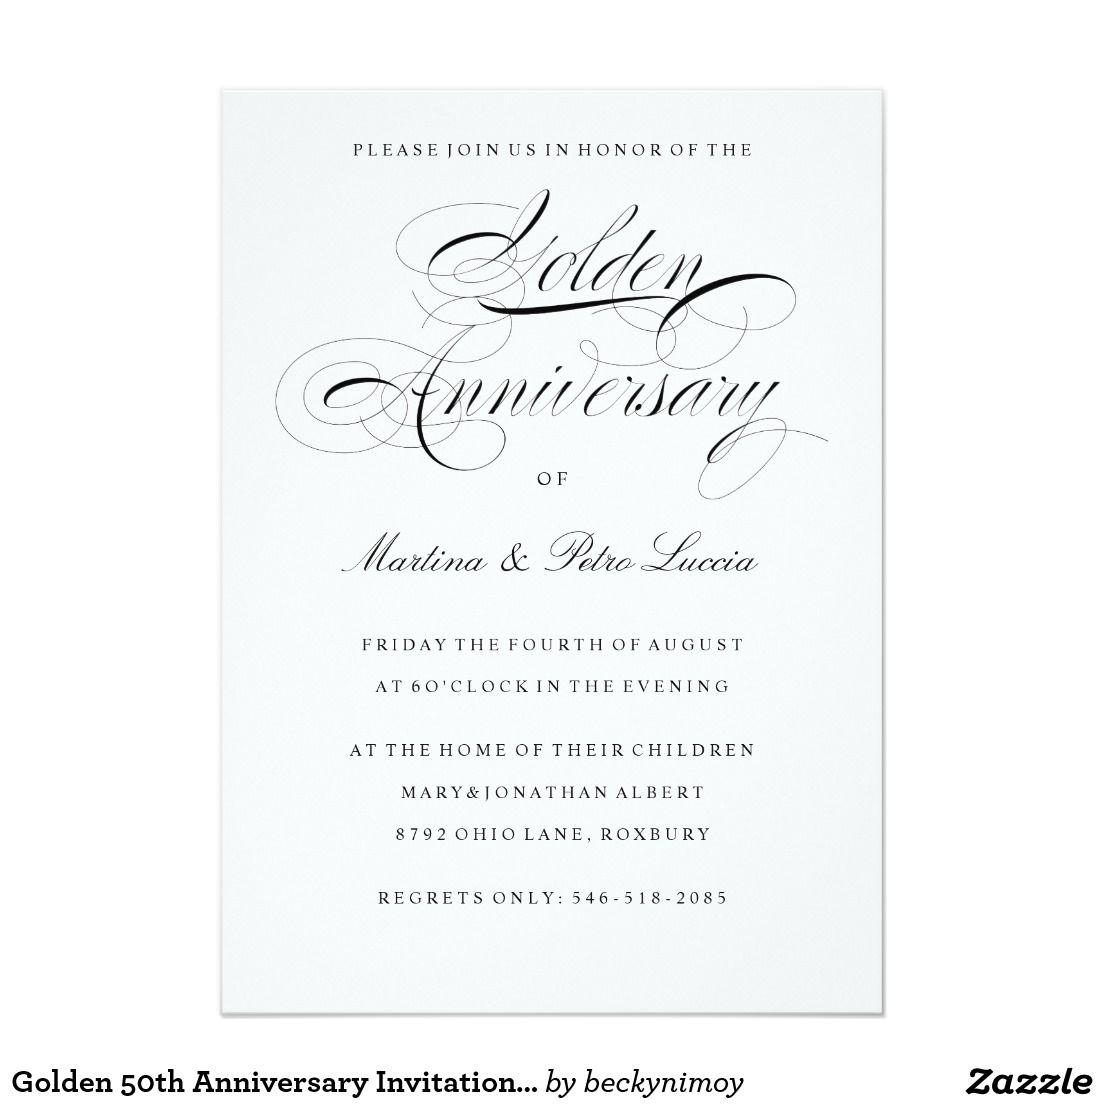 Golden 50th Anniversary Invitation Black White Zazzle